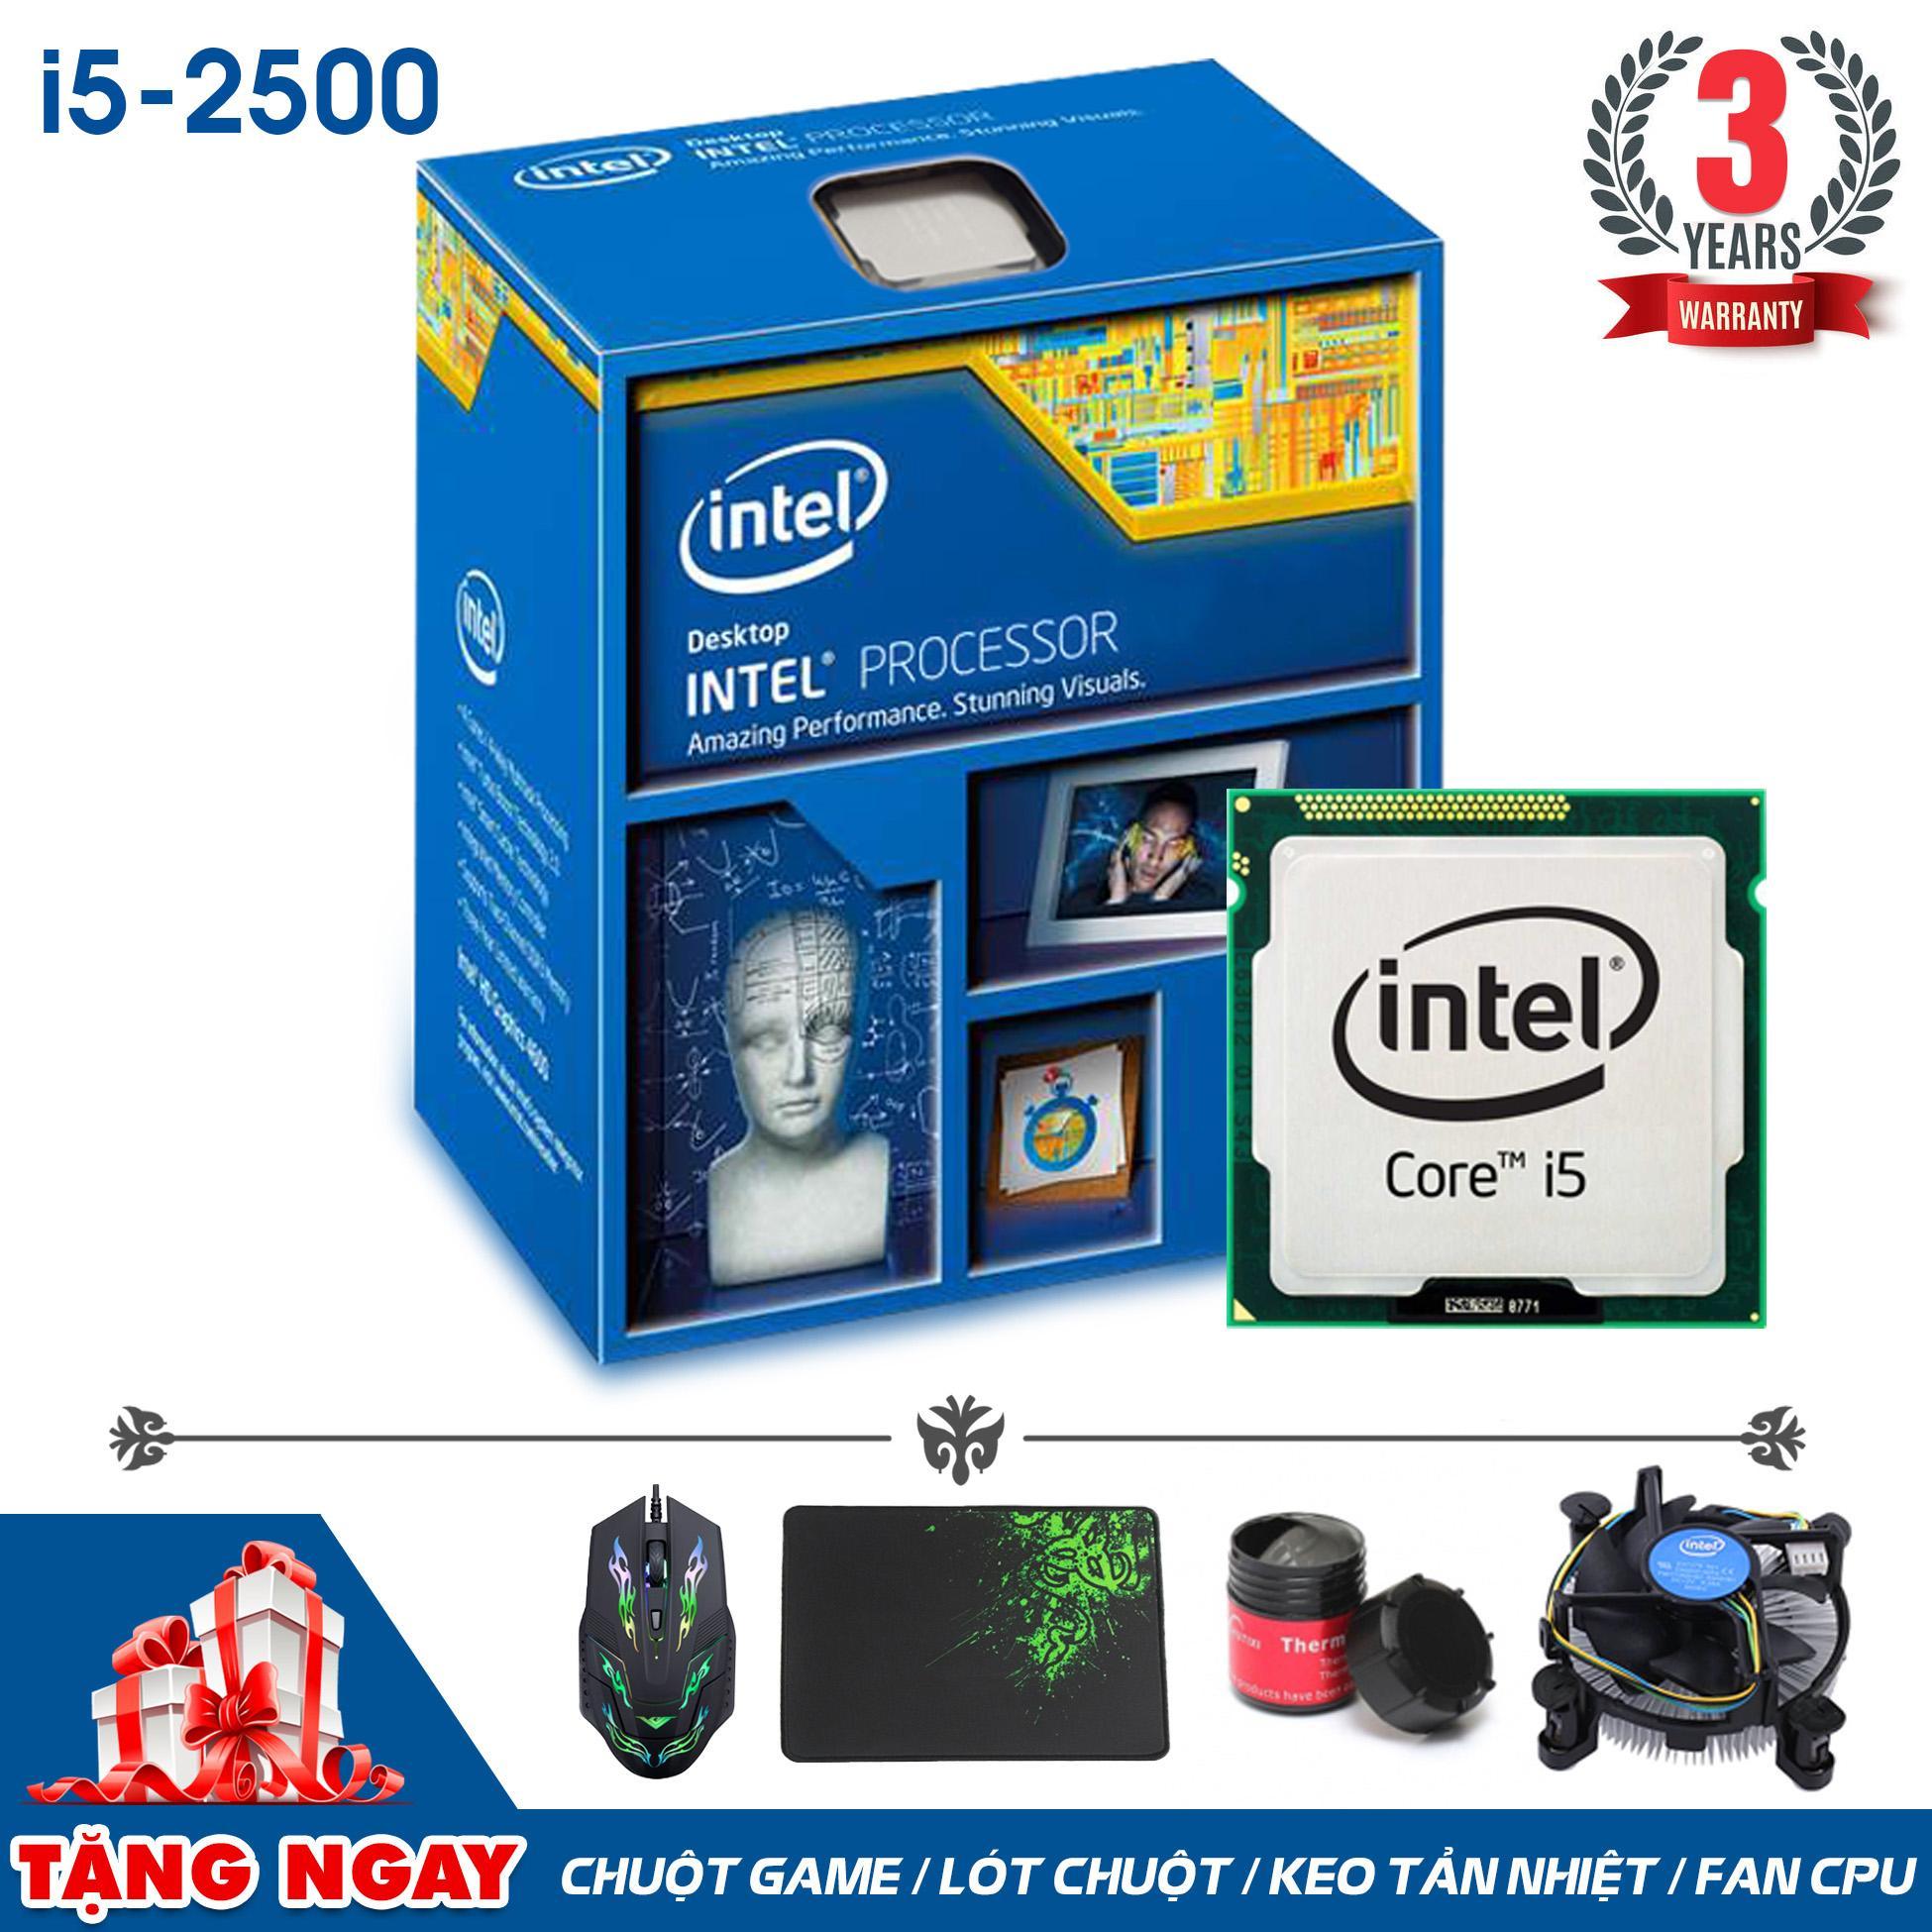 i5-2500.jpg